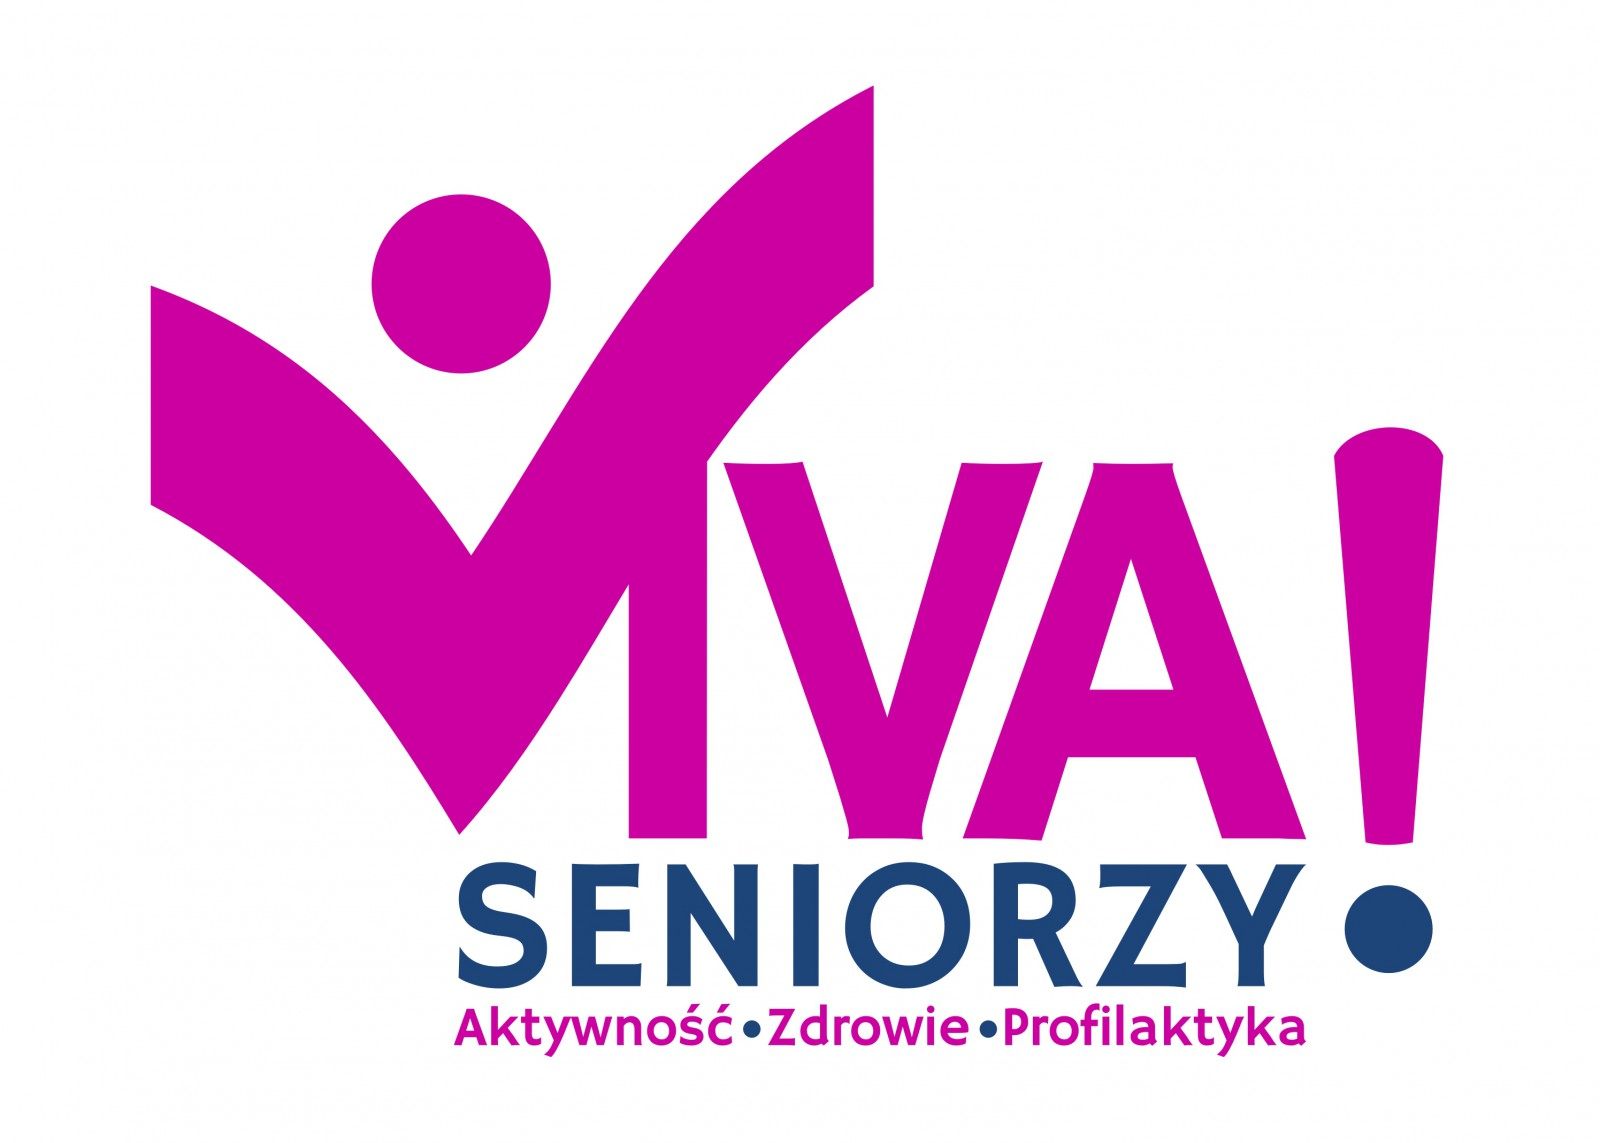 VIVA-Seniorzy_logo